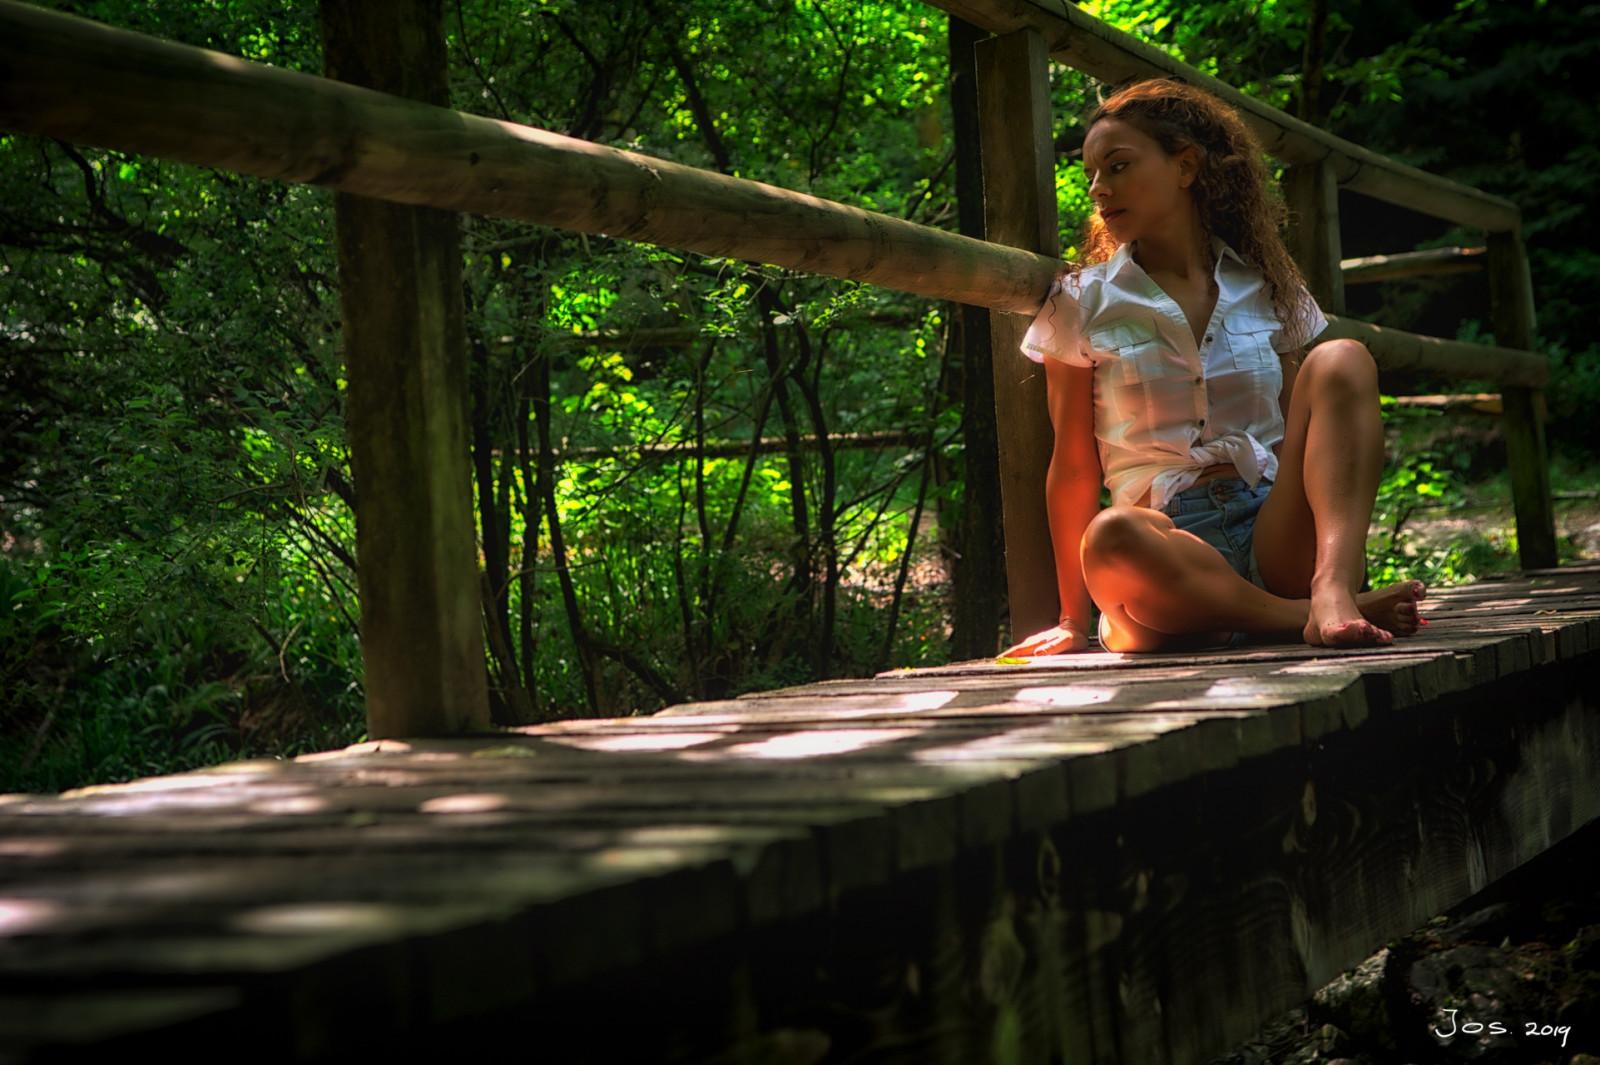 Lerne mehr über Kompositionen in der Fotografie Dame auf Brücke von Jos-Joosten